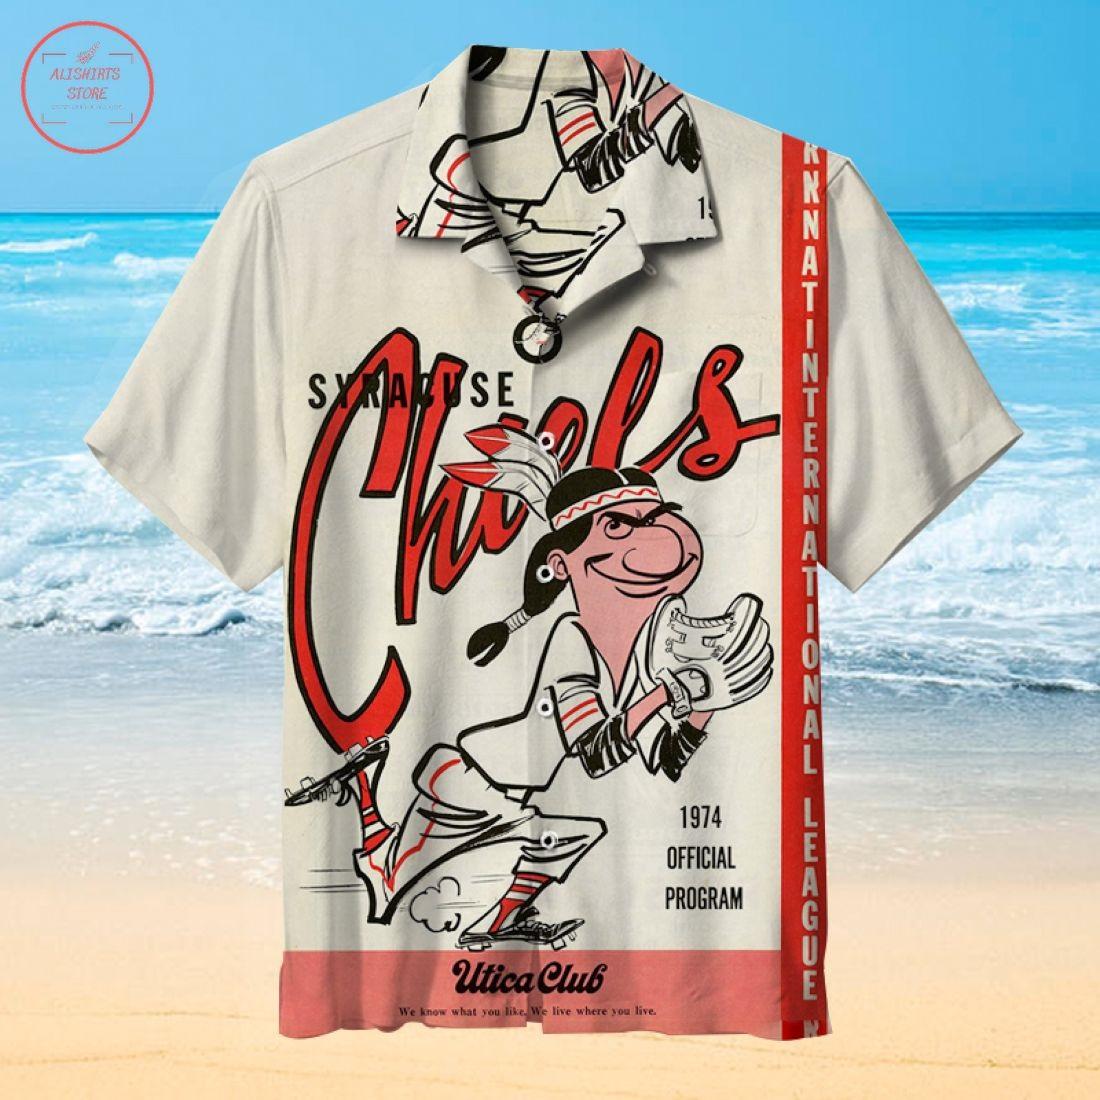 Mlb Syracuse Mets Hawaiian shirt